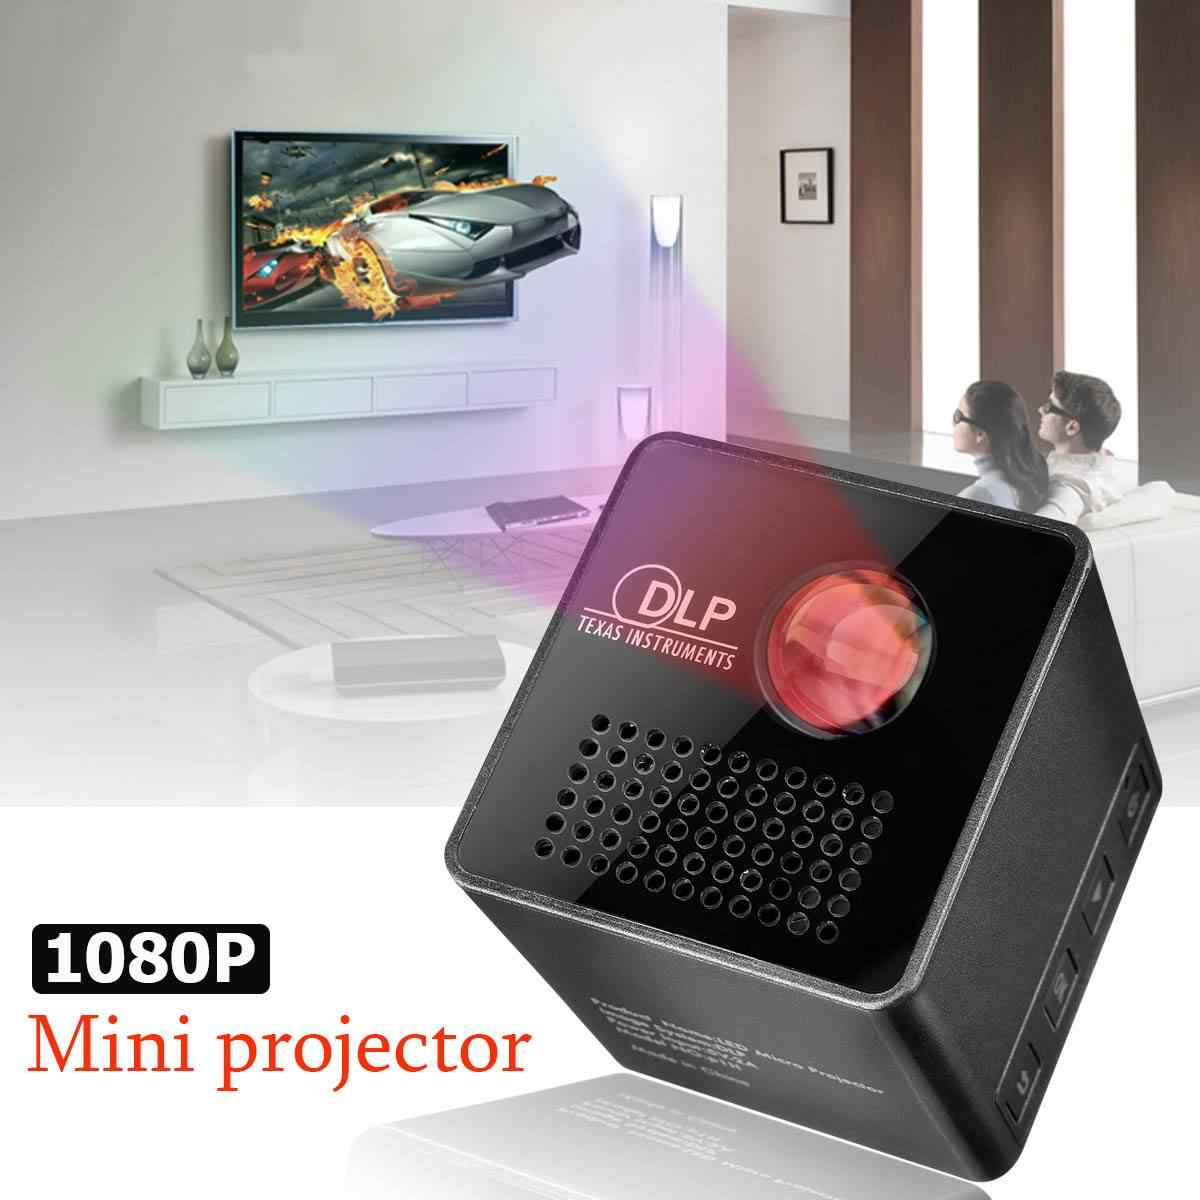 Mini projektor 1080 P bezprzewodowy Wifi telefon komórkowy projektor obsługuje Miracast Dlna kieszenie projektor kina domowego 5.1 DLP projektor baterii